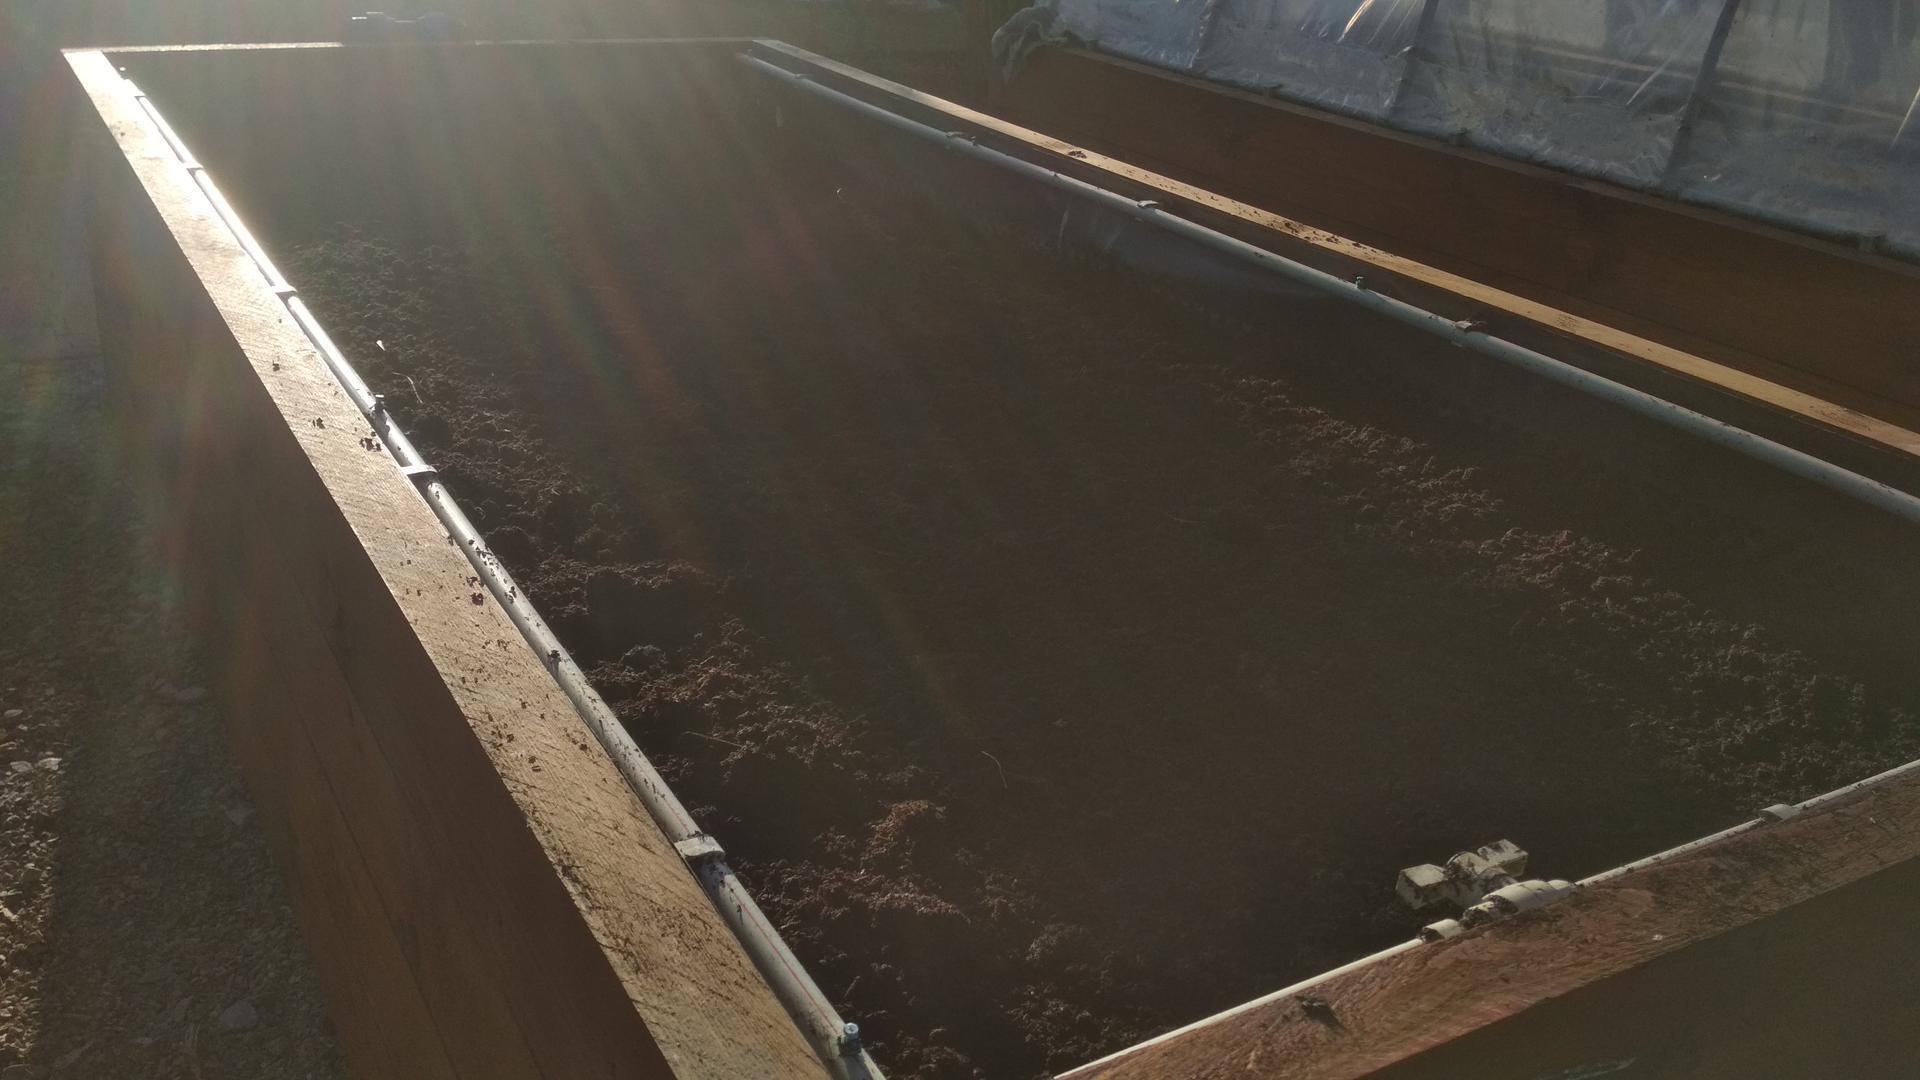 Vyvýšené záhony a úžitková záhrada - sezóna 2021 ... príprava, sadenie, starostlivosť - Obrázok č. 22